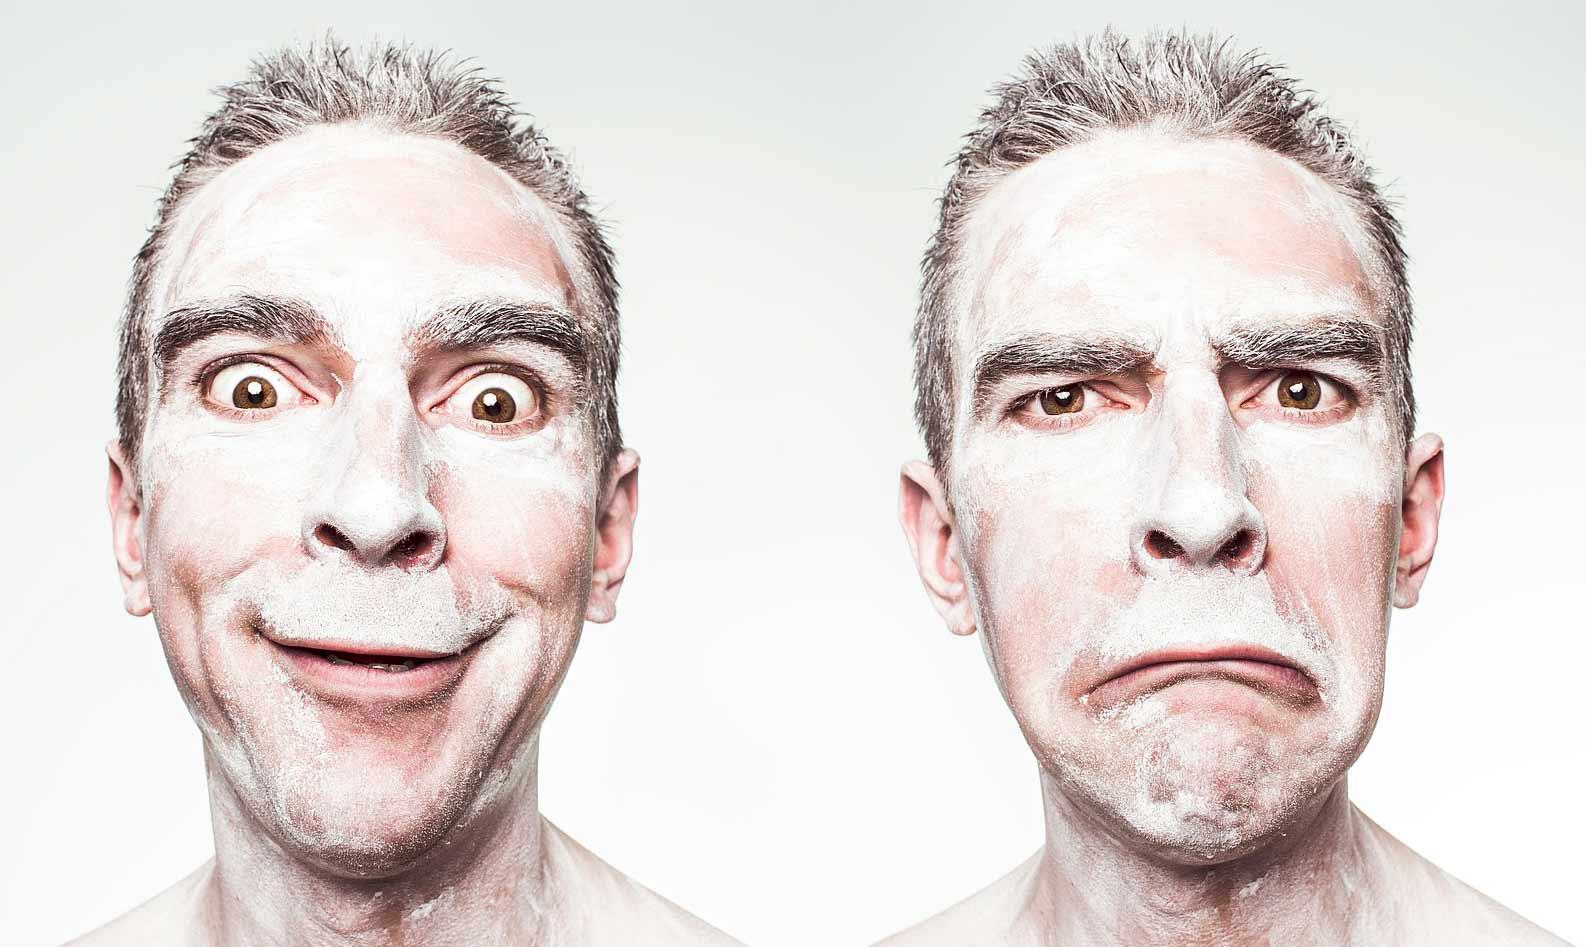 emotions ia k darligton - Sistemas de inteligencia artificial que gestionan emociones humanas